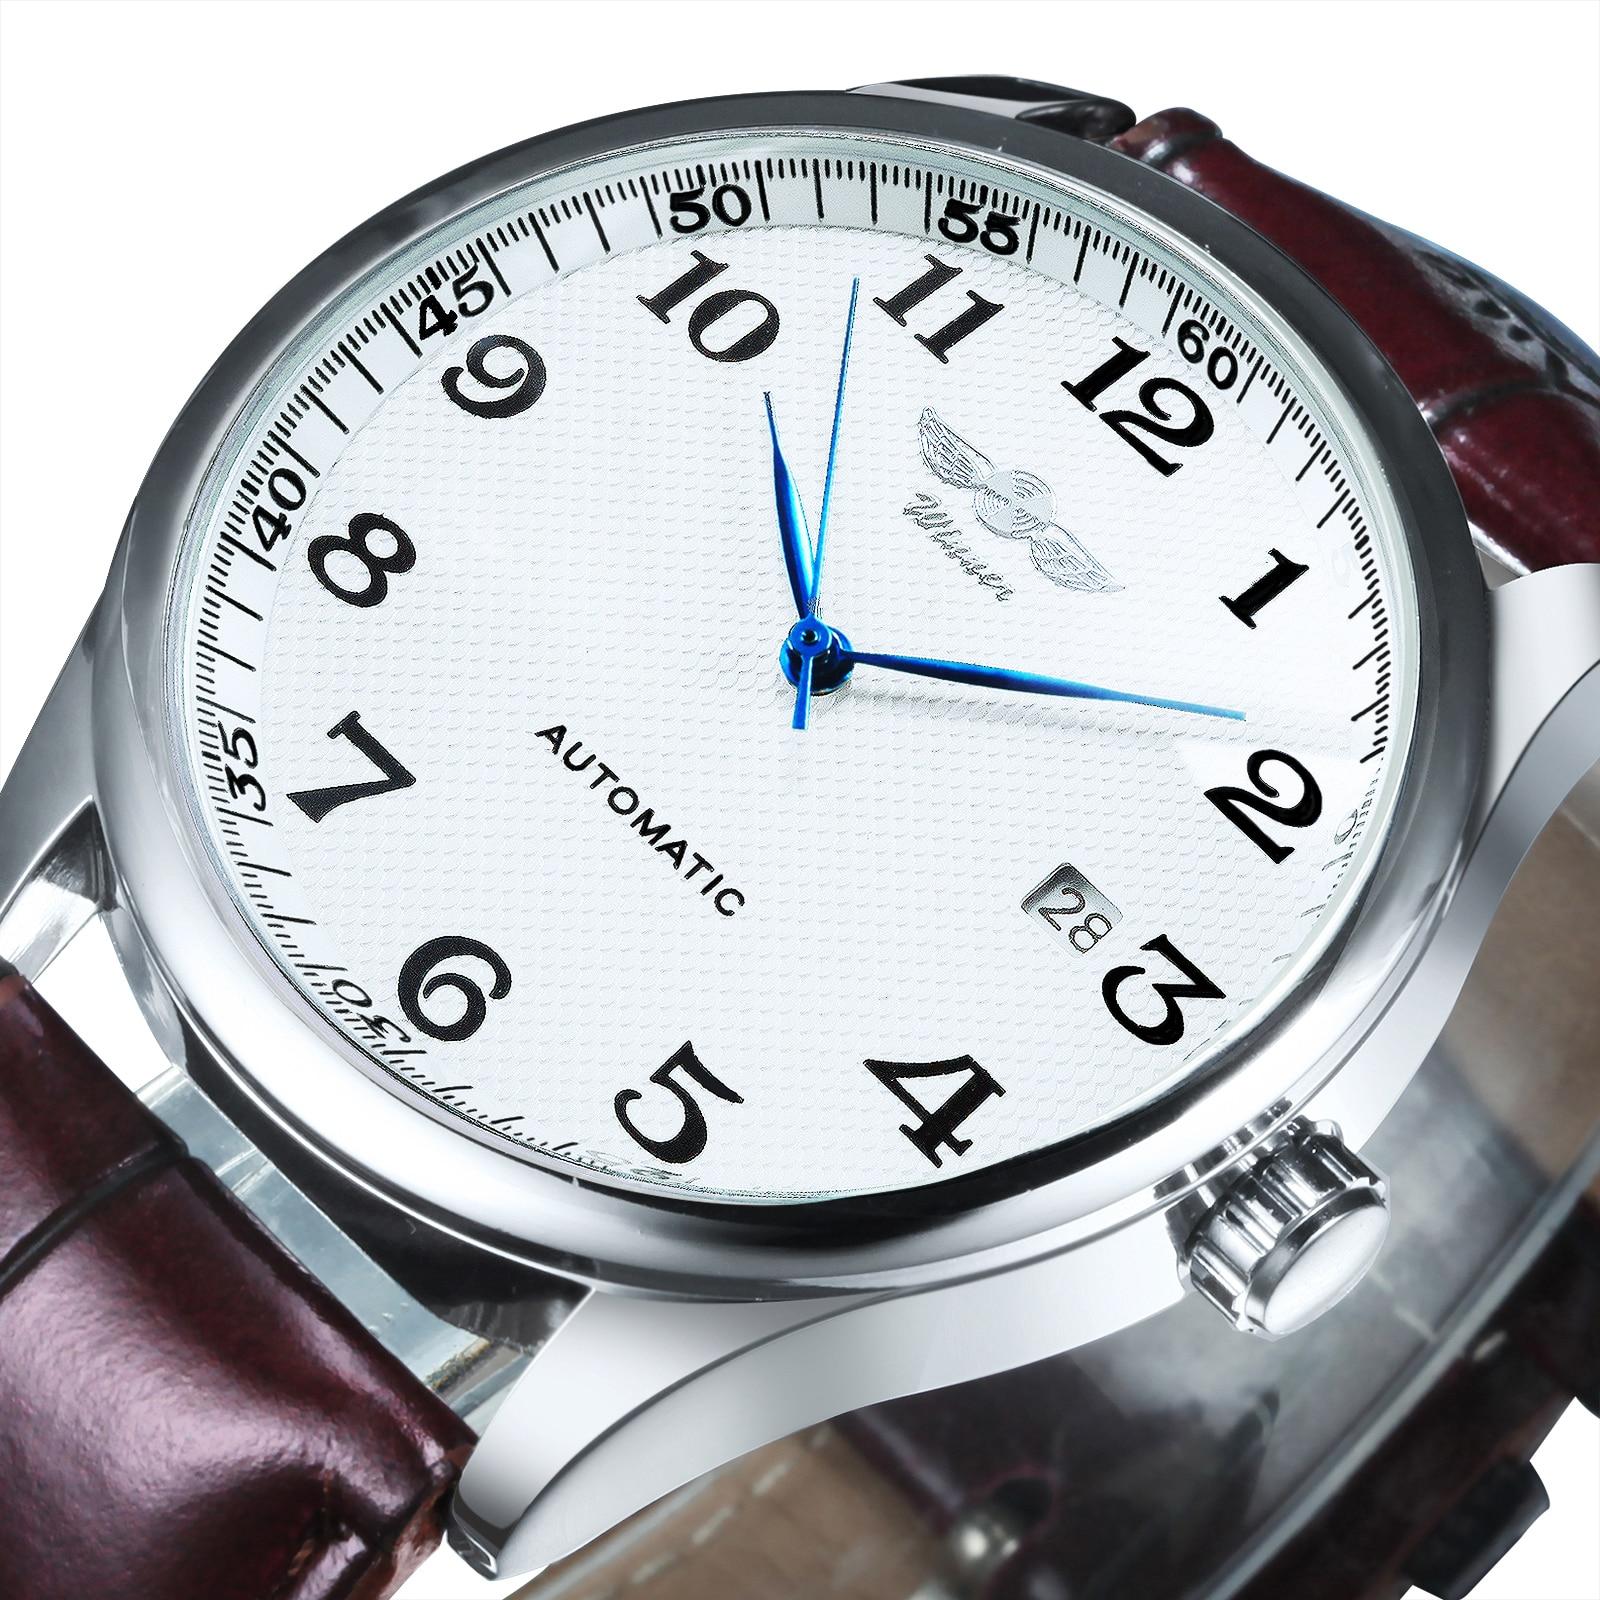 Automático para Homem Pulseira de Couro Vencedor Simples Relógio Mecânico Masculino Relógios Data Exibição Moda Casual Minimalista Orologio Uomo